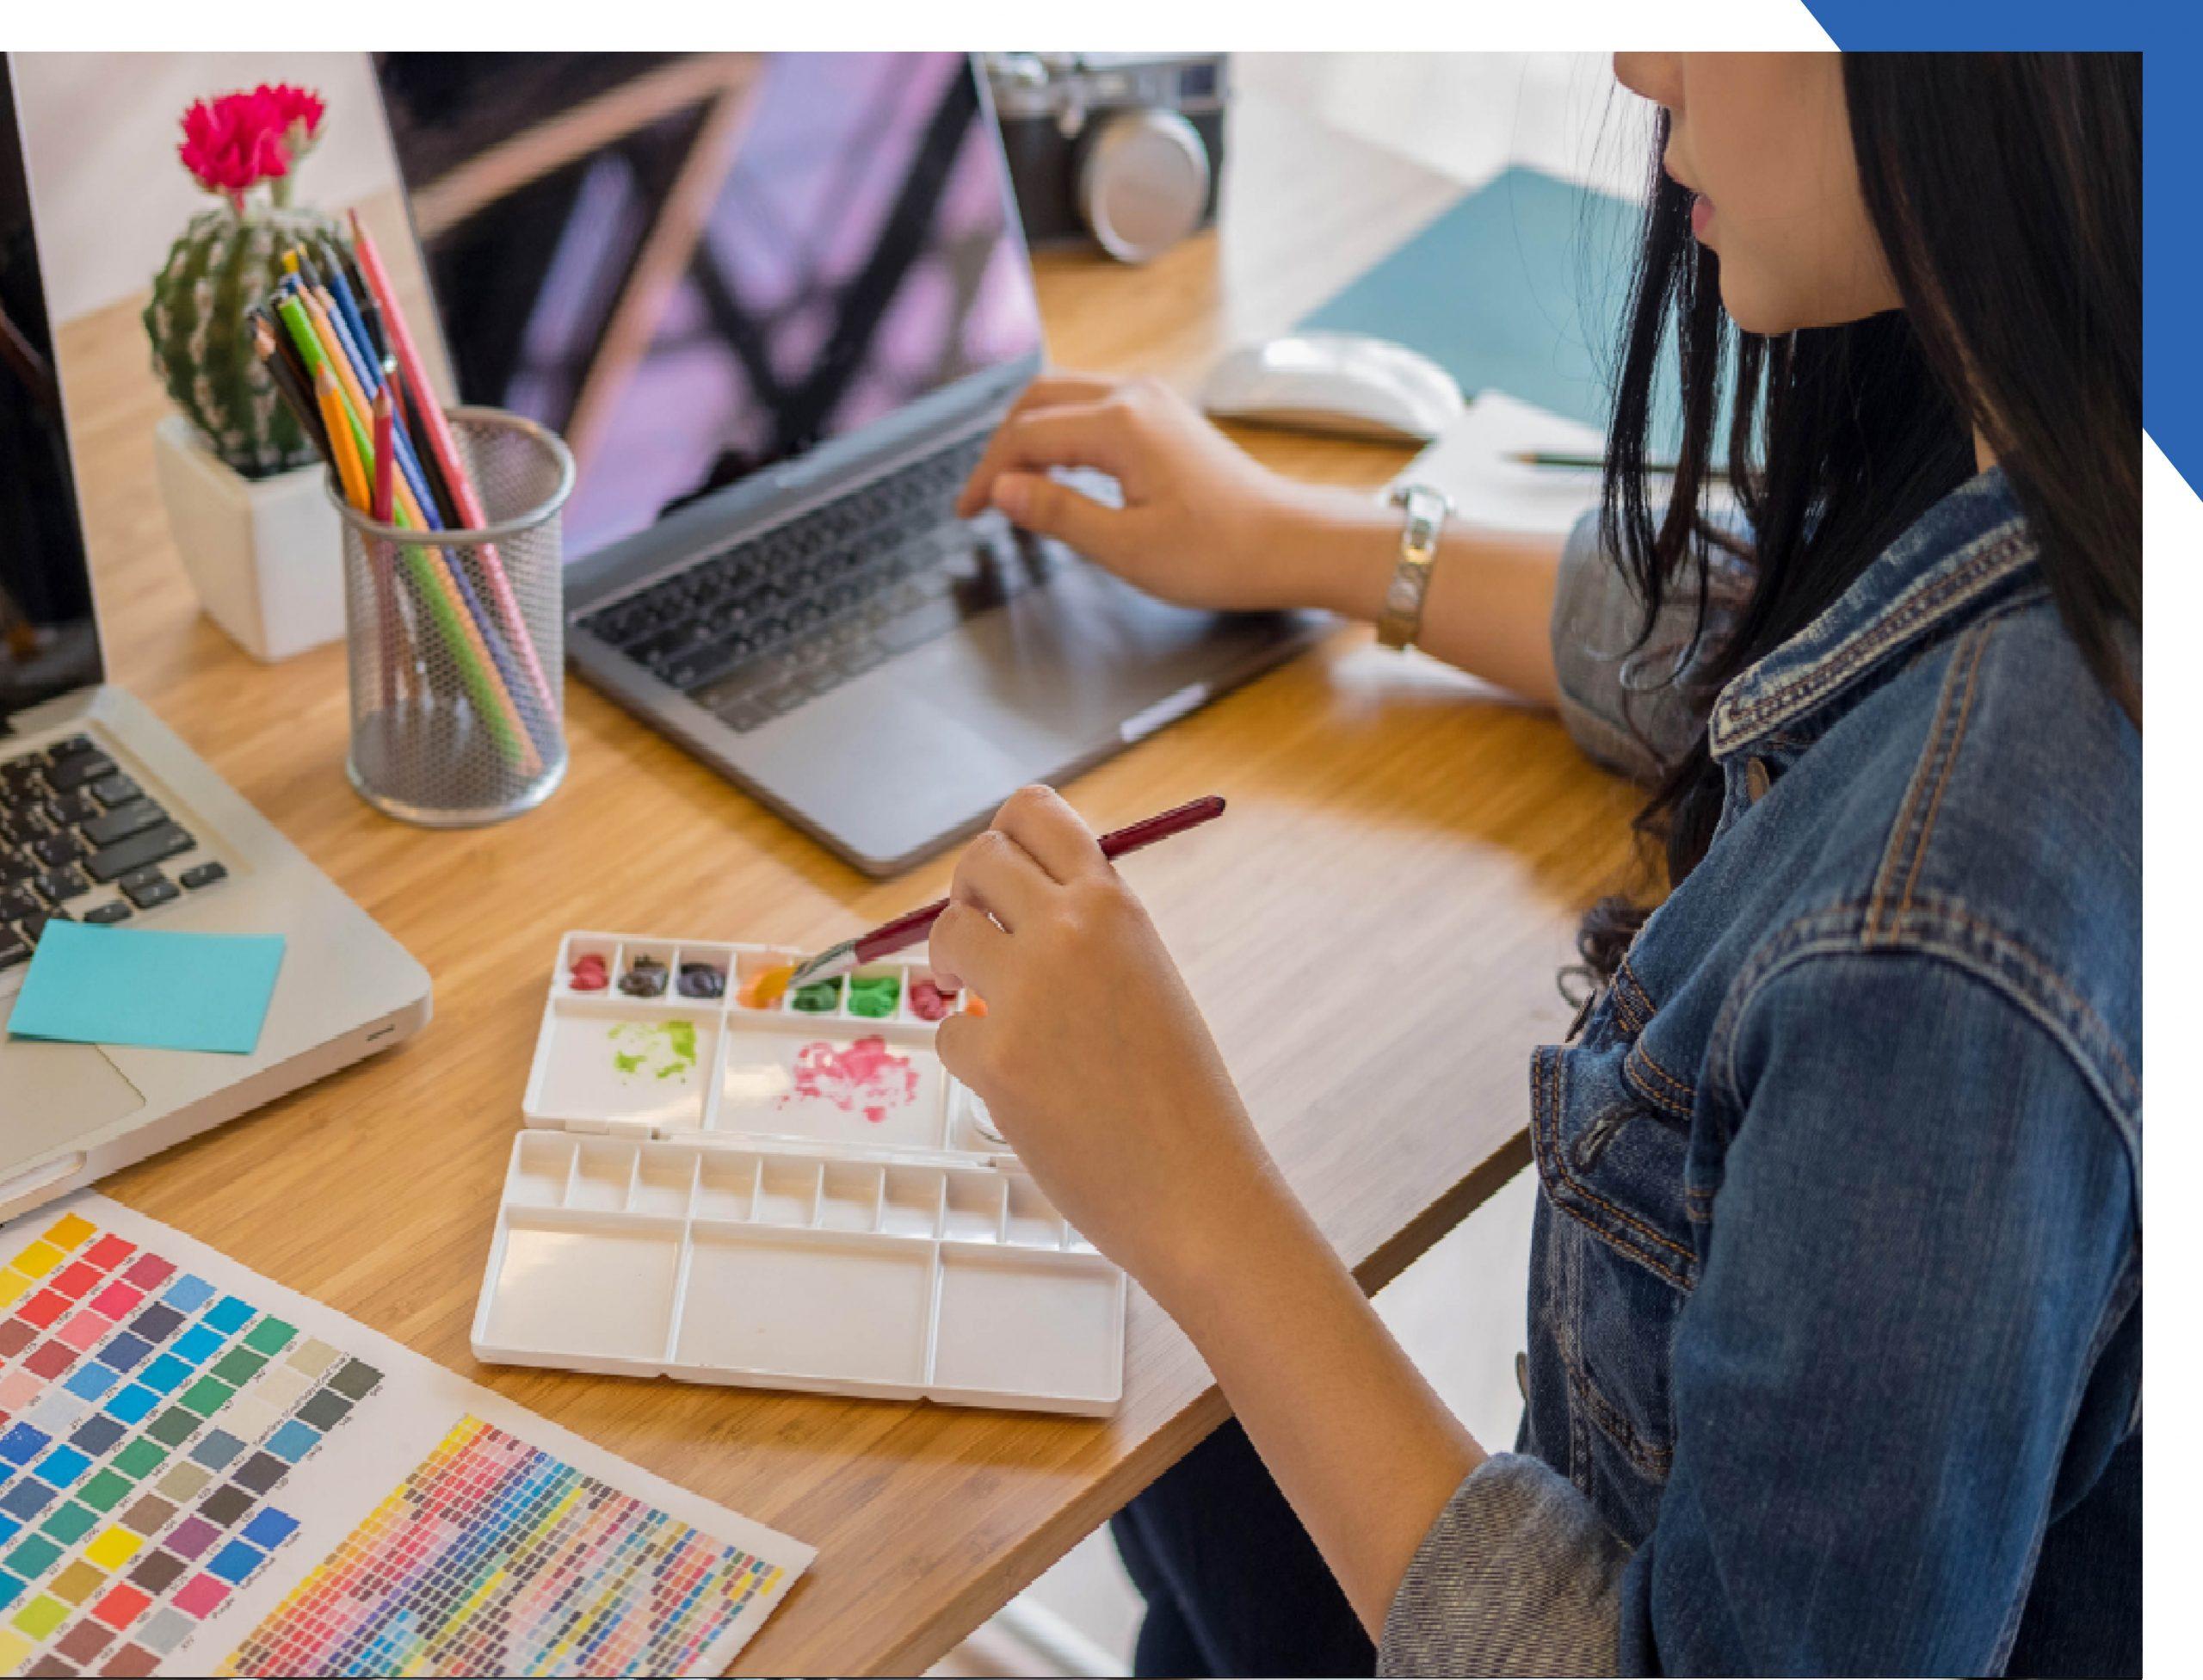 A woman attending a virtual art class